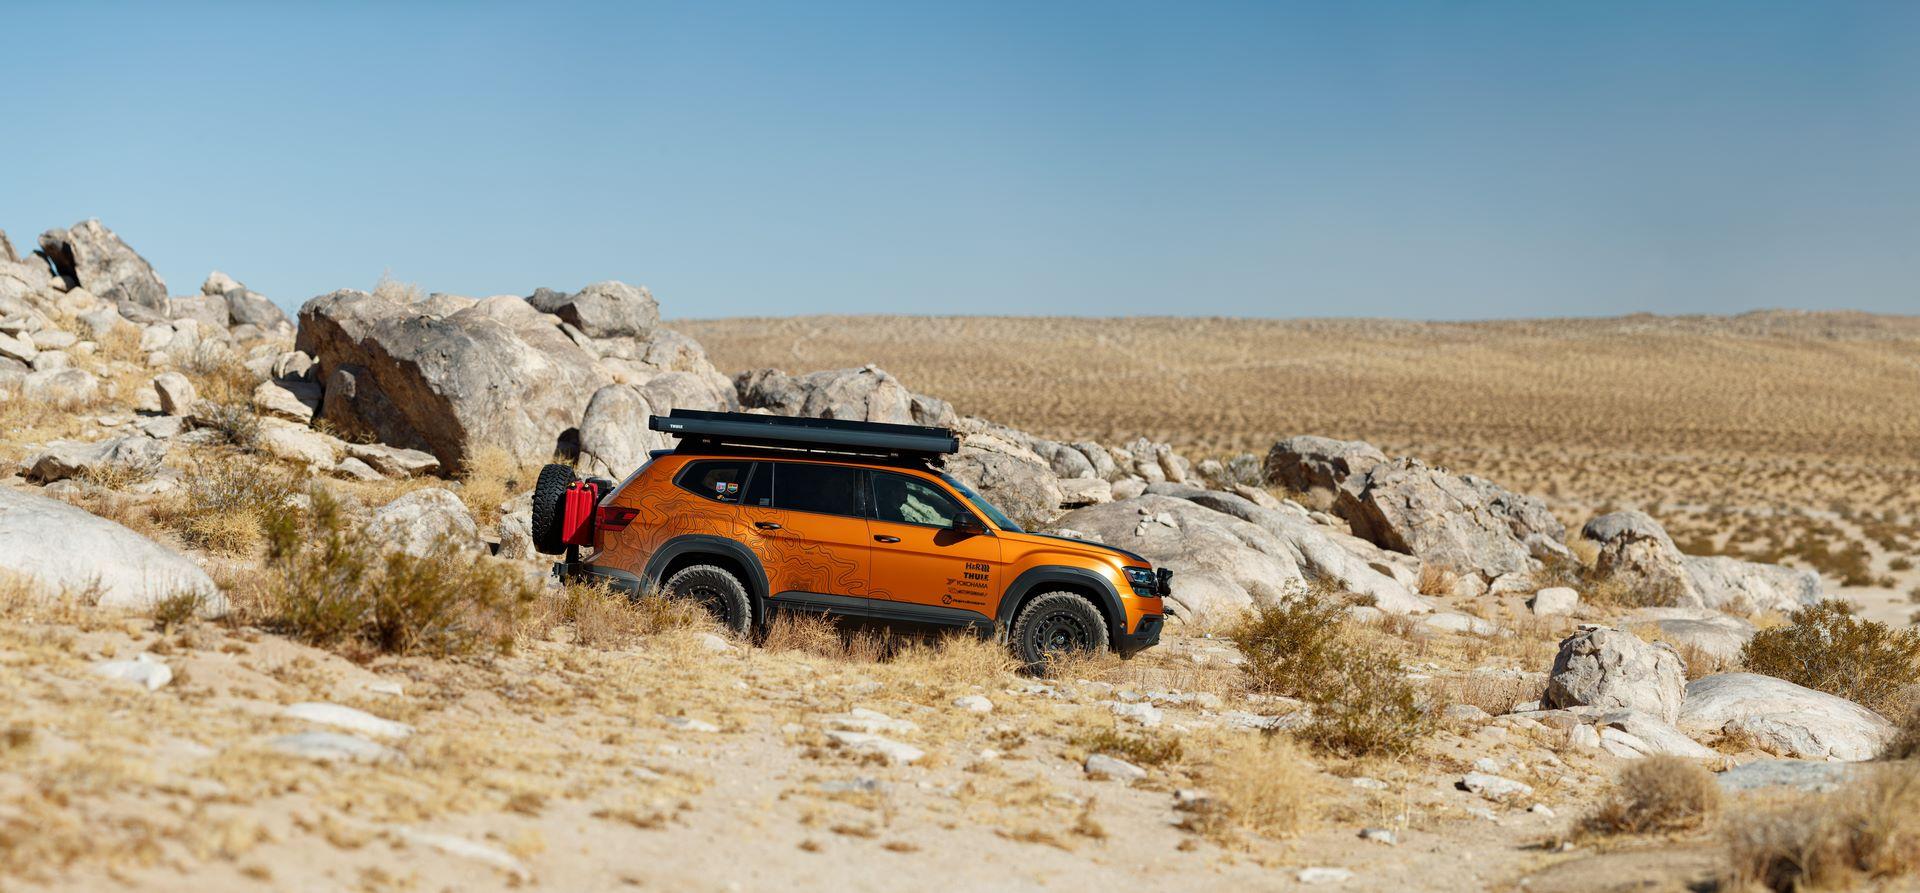 Volkswagen_Atlas_Adventure_Concept-10457